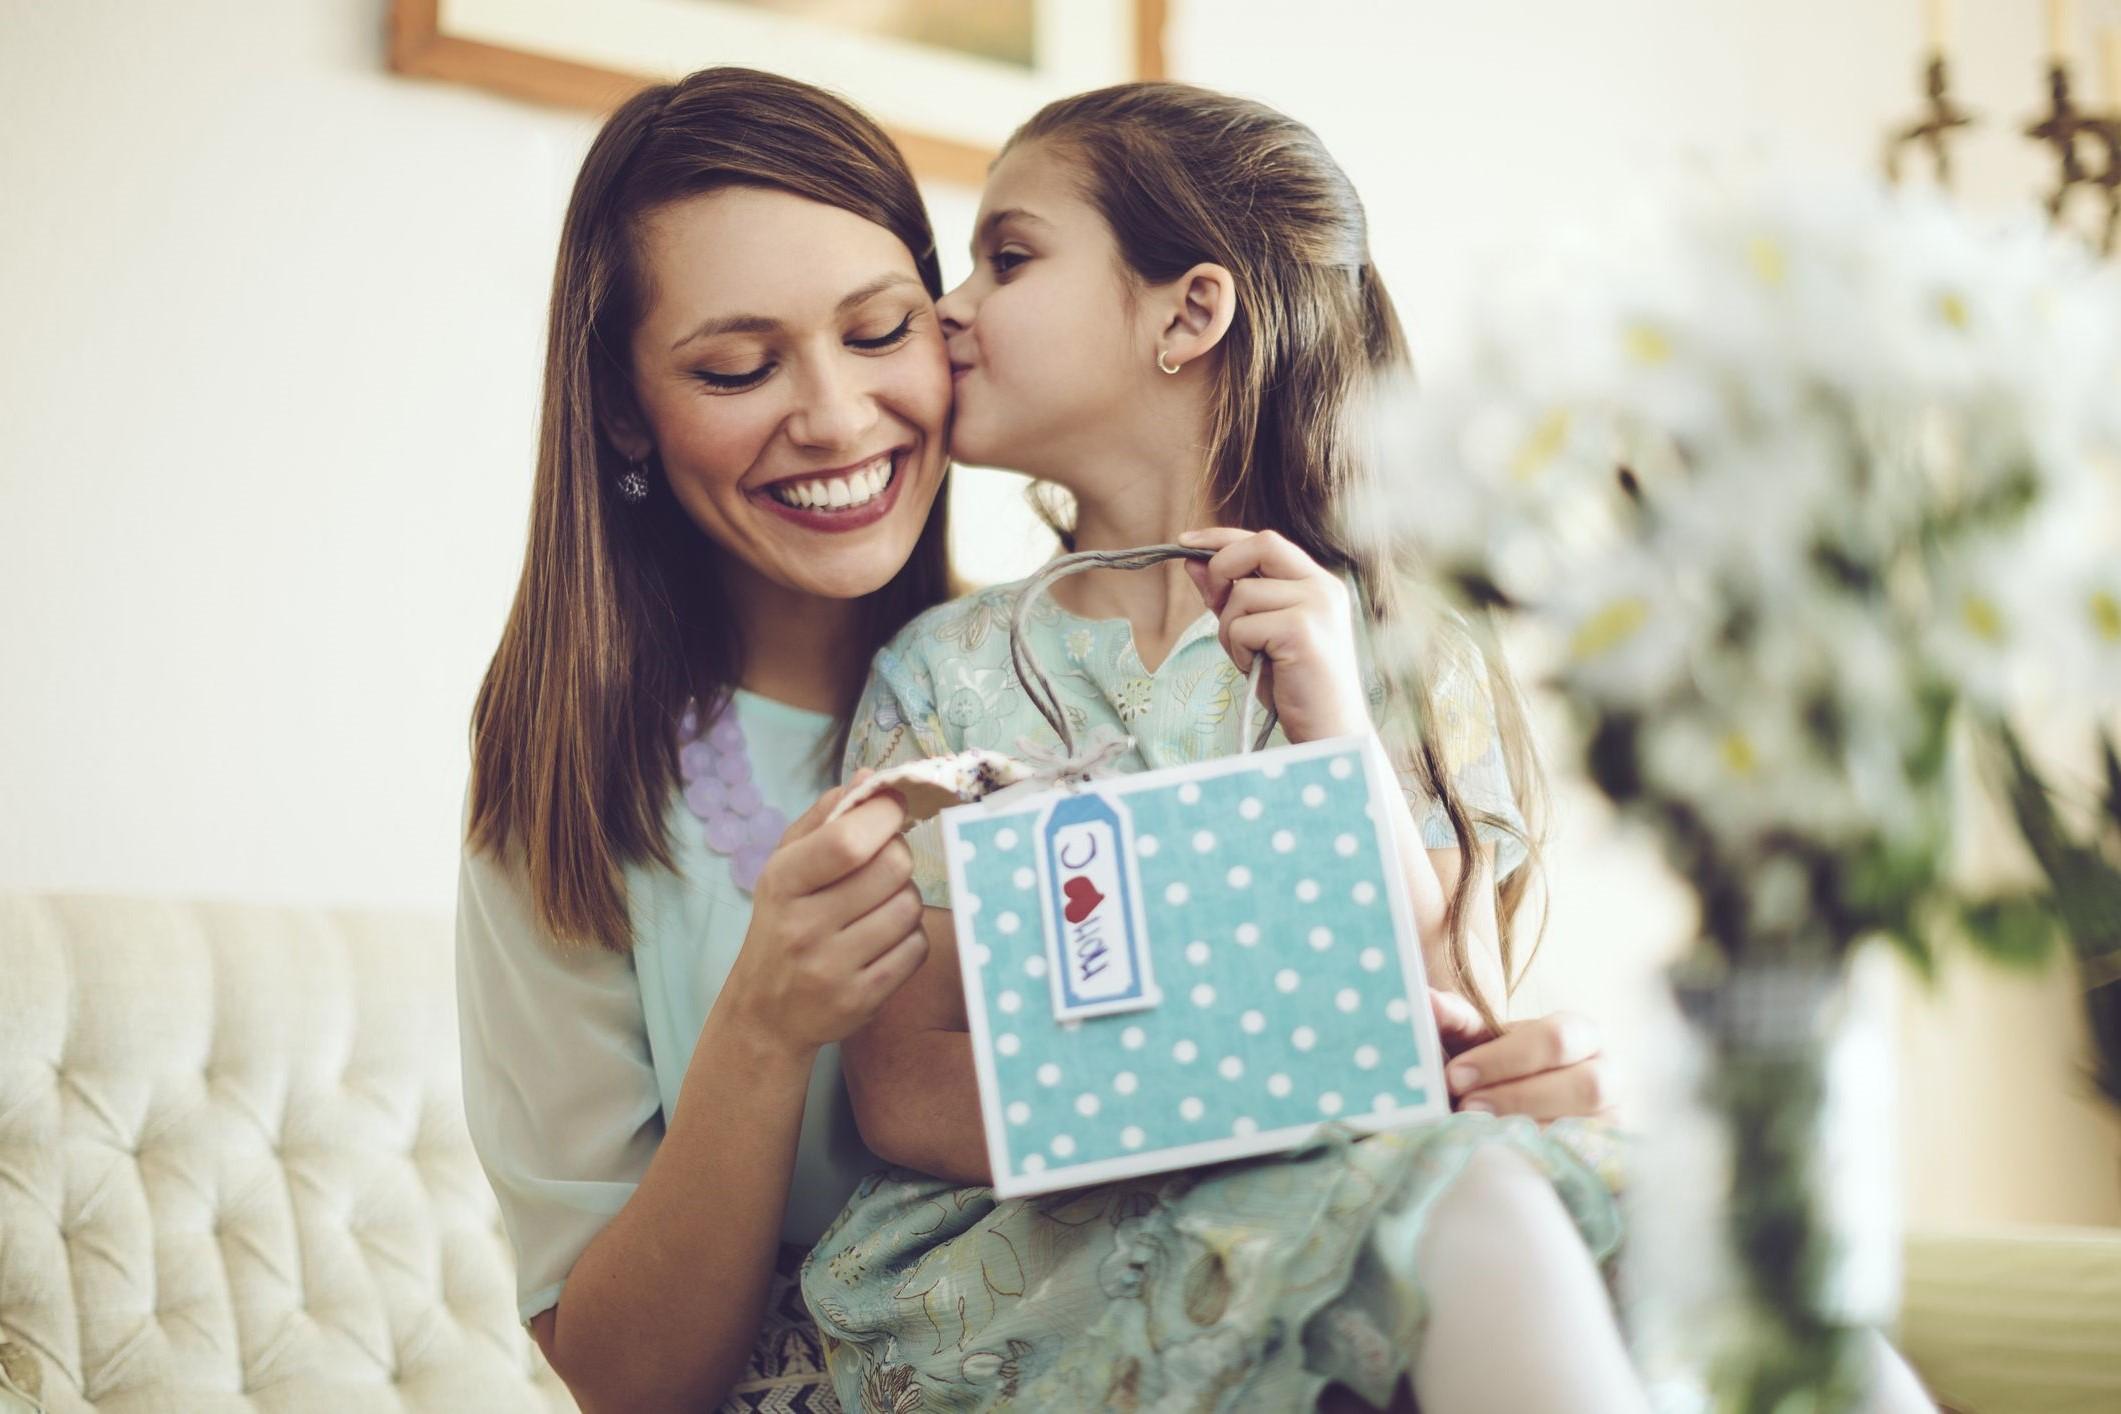 Le meilleur cadeau que vous puissiez offrir à votre maman est votre temps!